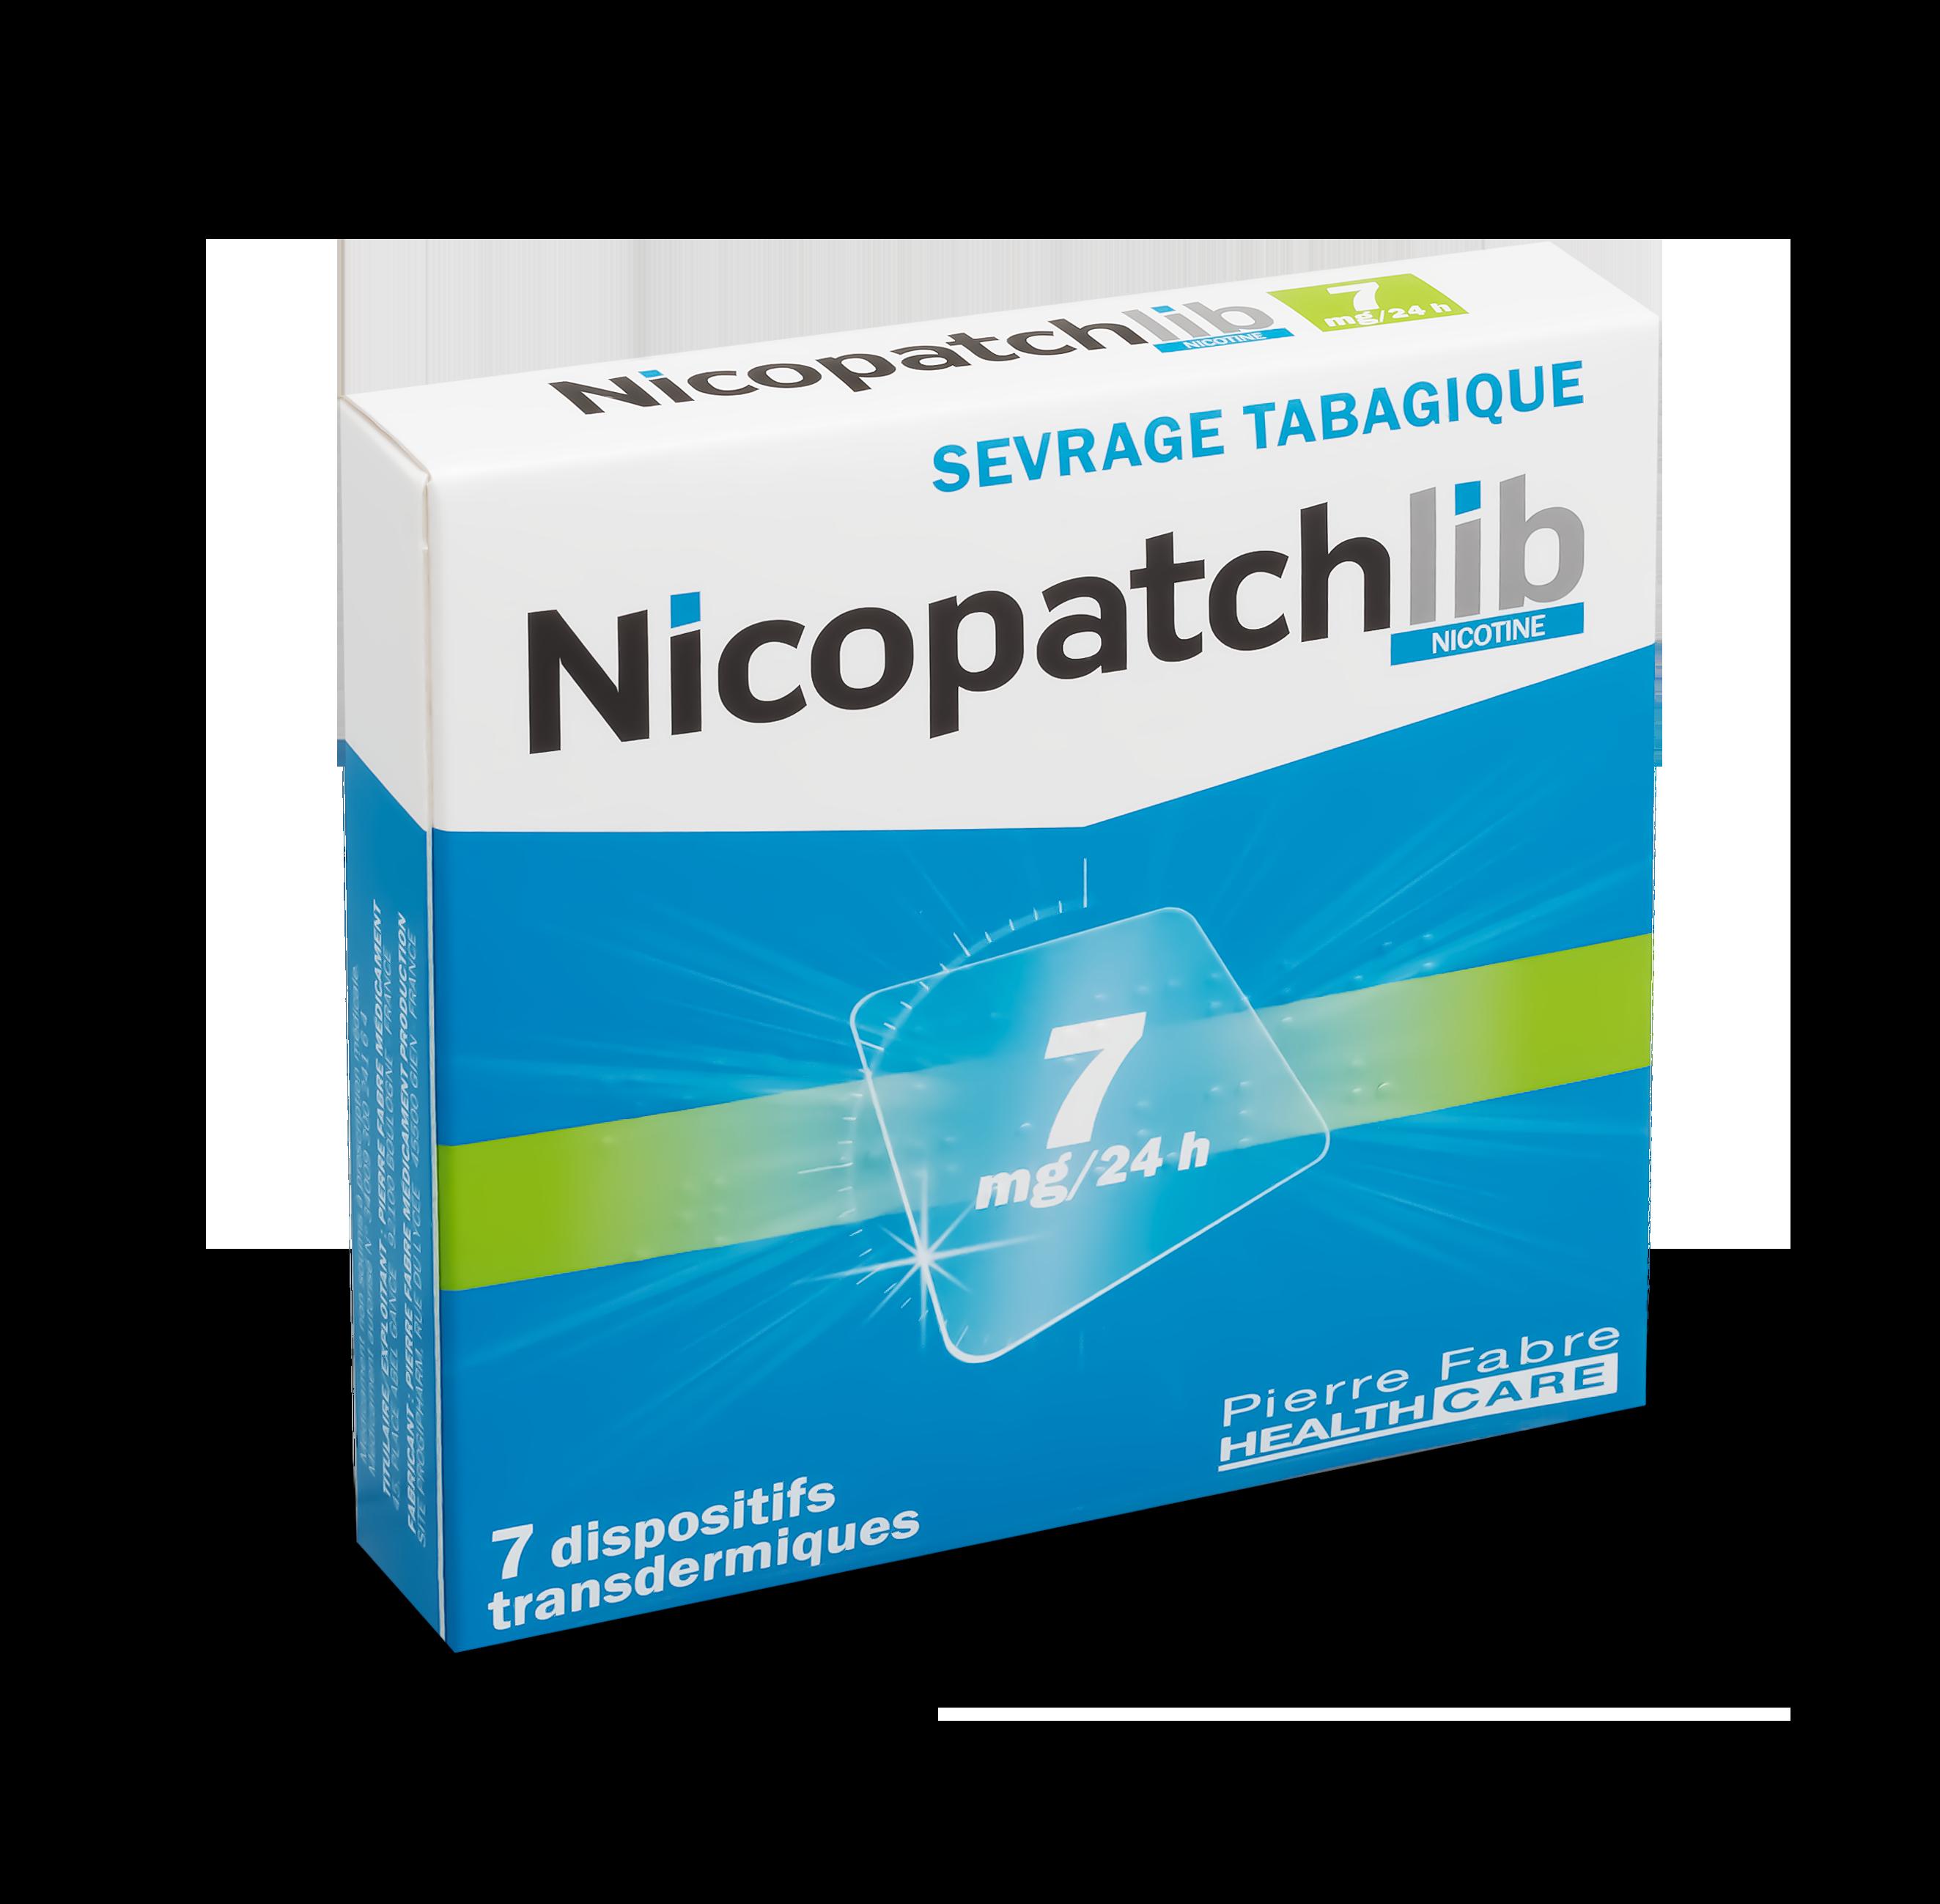 Image NICOPATCHLIB 7 mg/24 h Disp transderm 7Sach